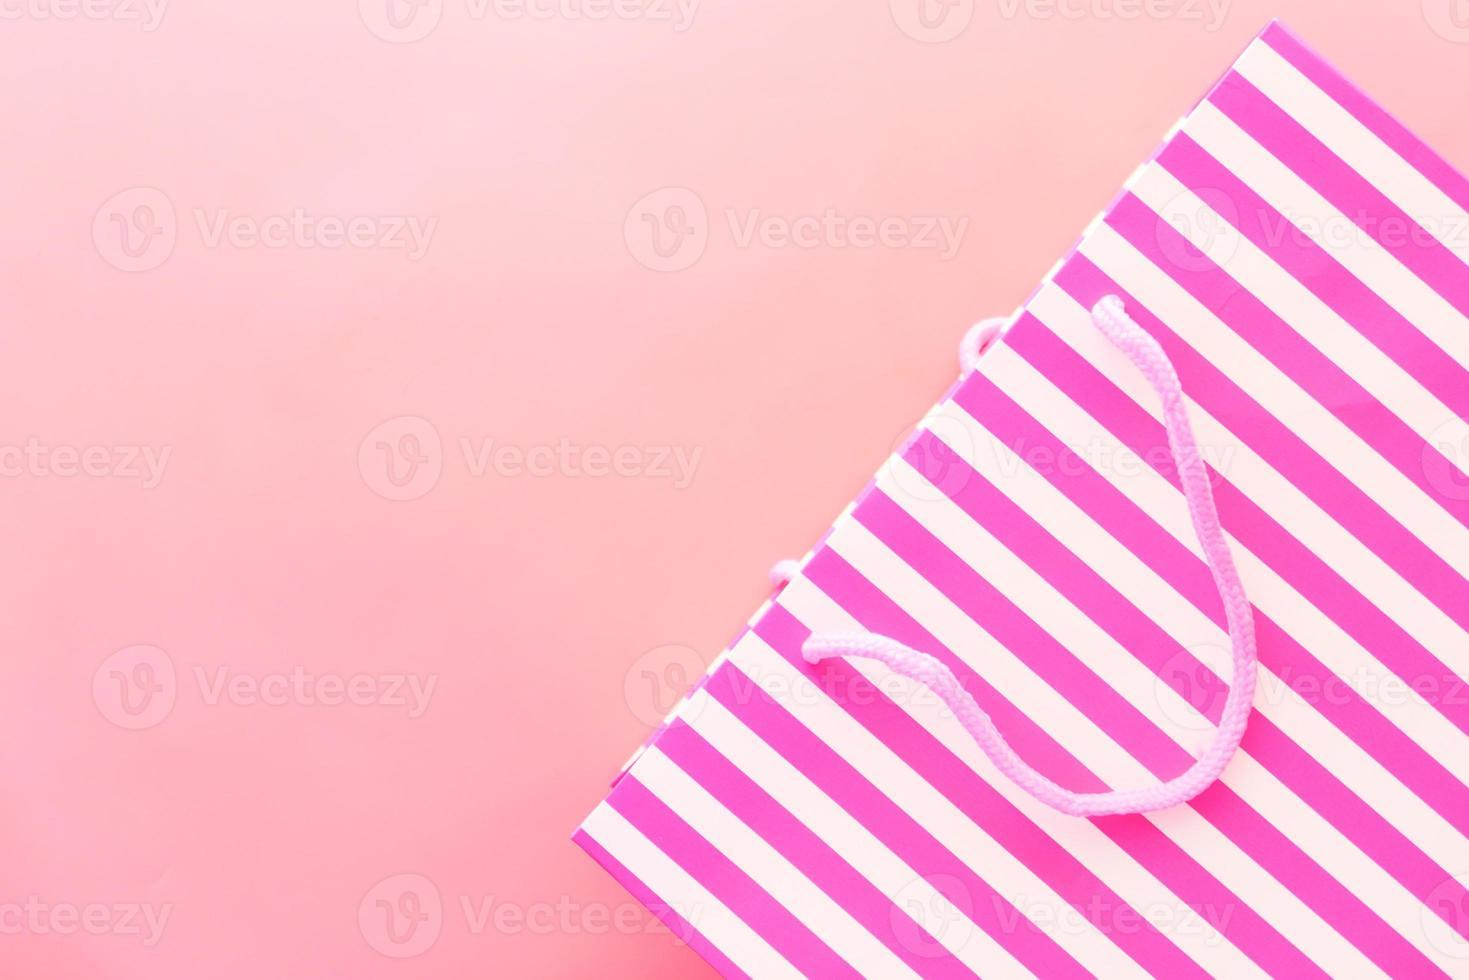 roze gestreepte geschenkzak op roze achtergrond foto